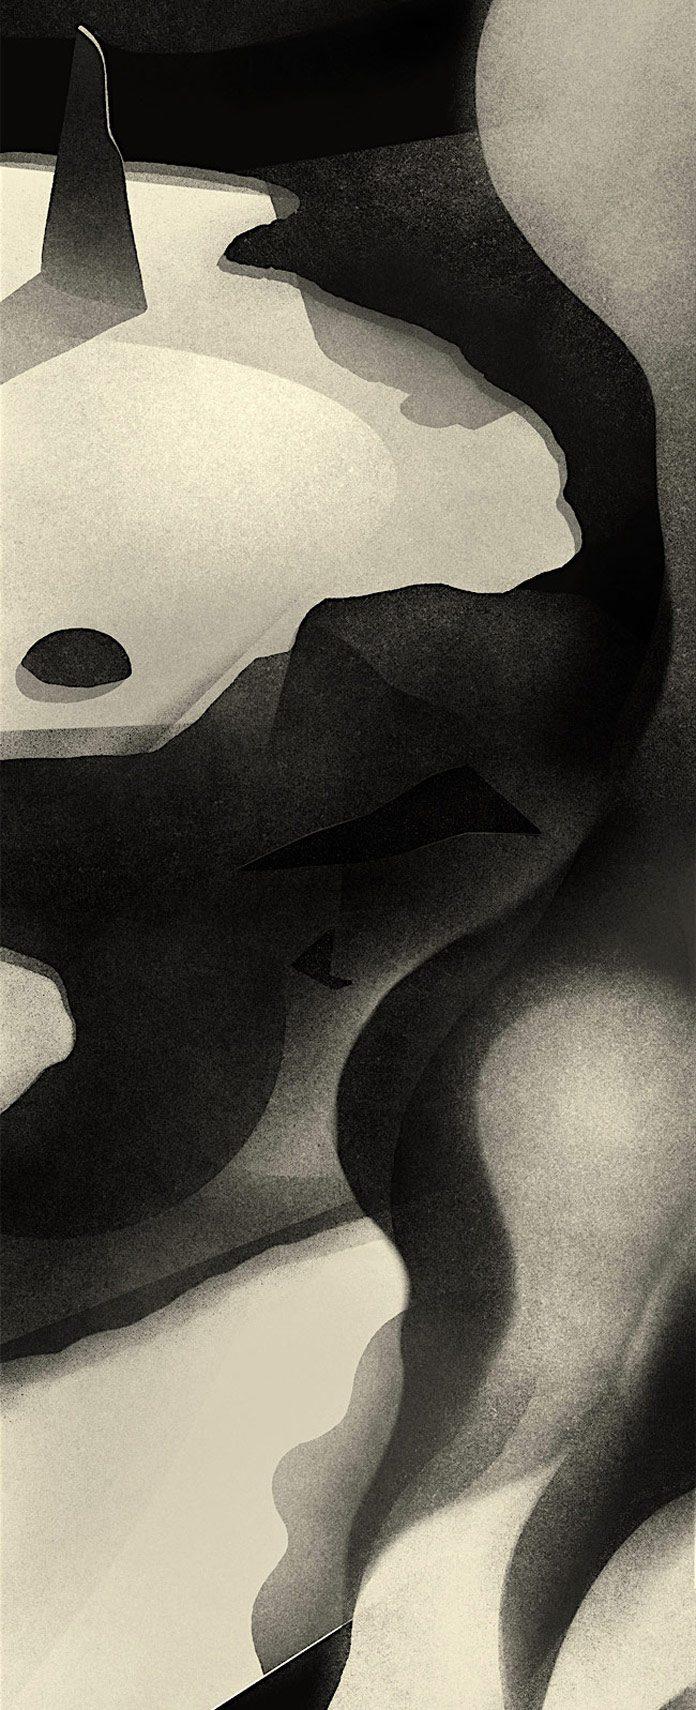 The Nightmare, an illustration by Karolis Strautniekas.